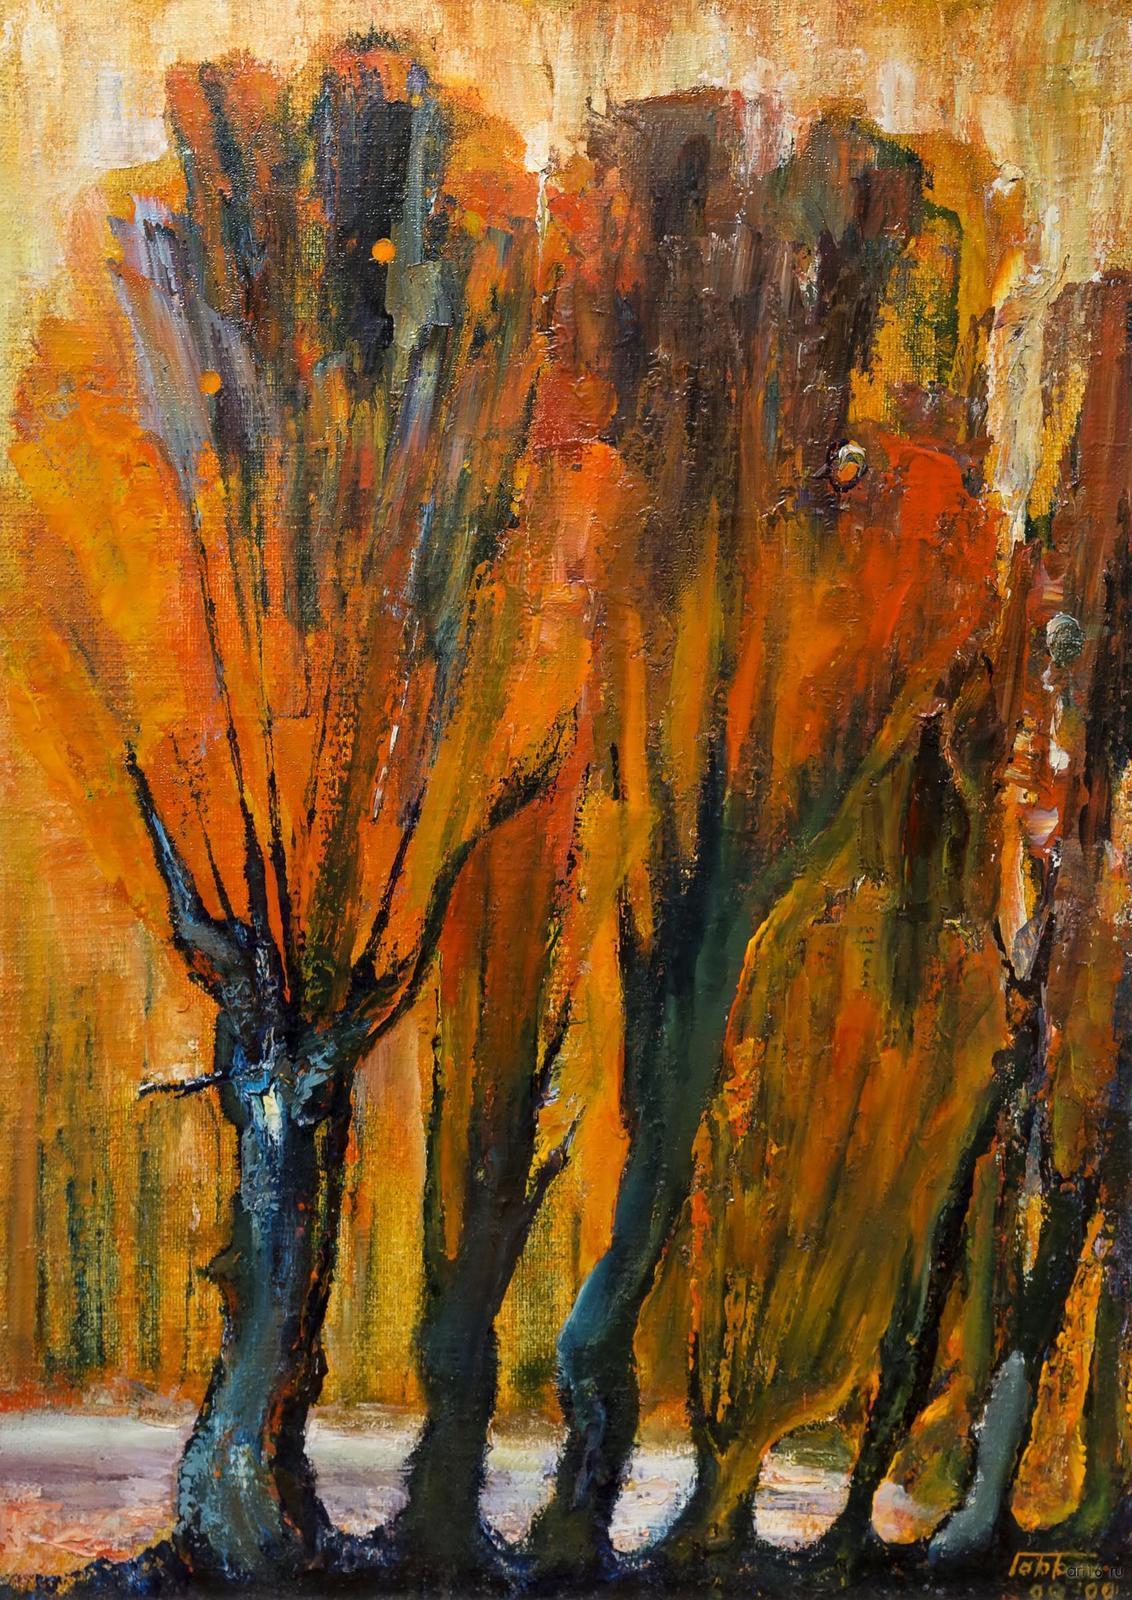 Фото №876476. Оранжевая осень. 2009. Габбасов Рустам